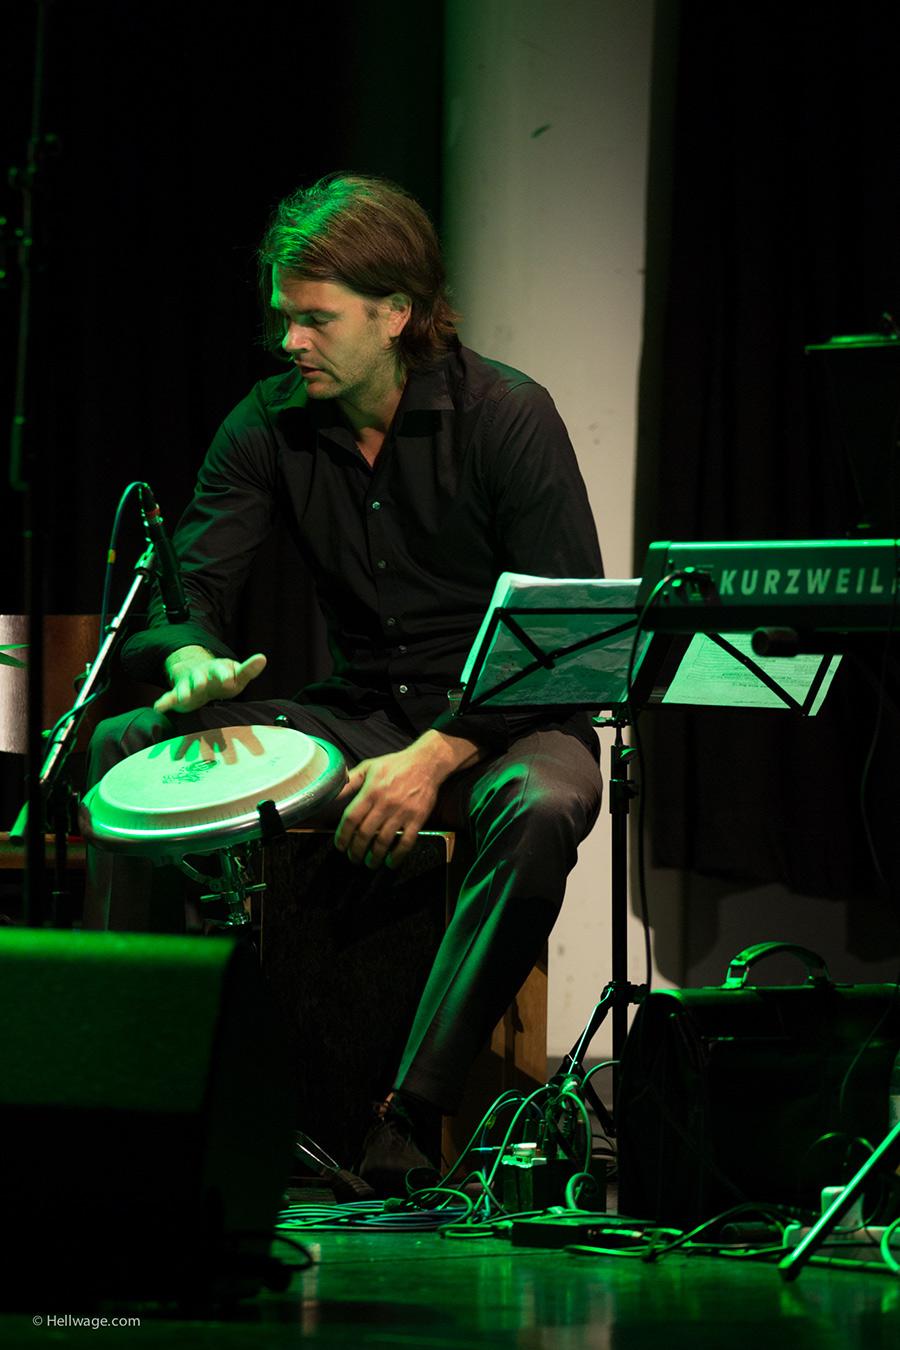 Manuel Hansen